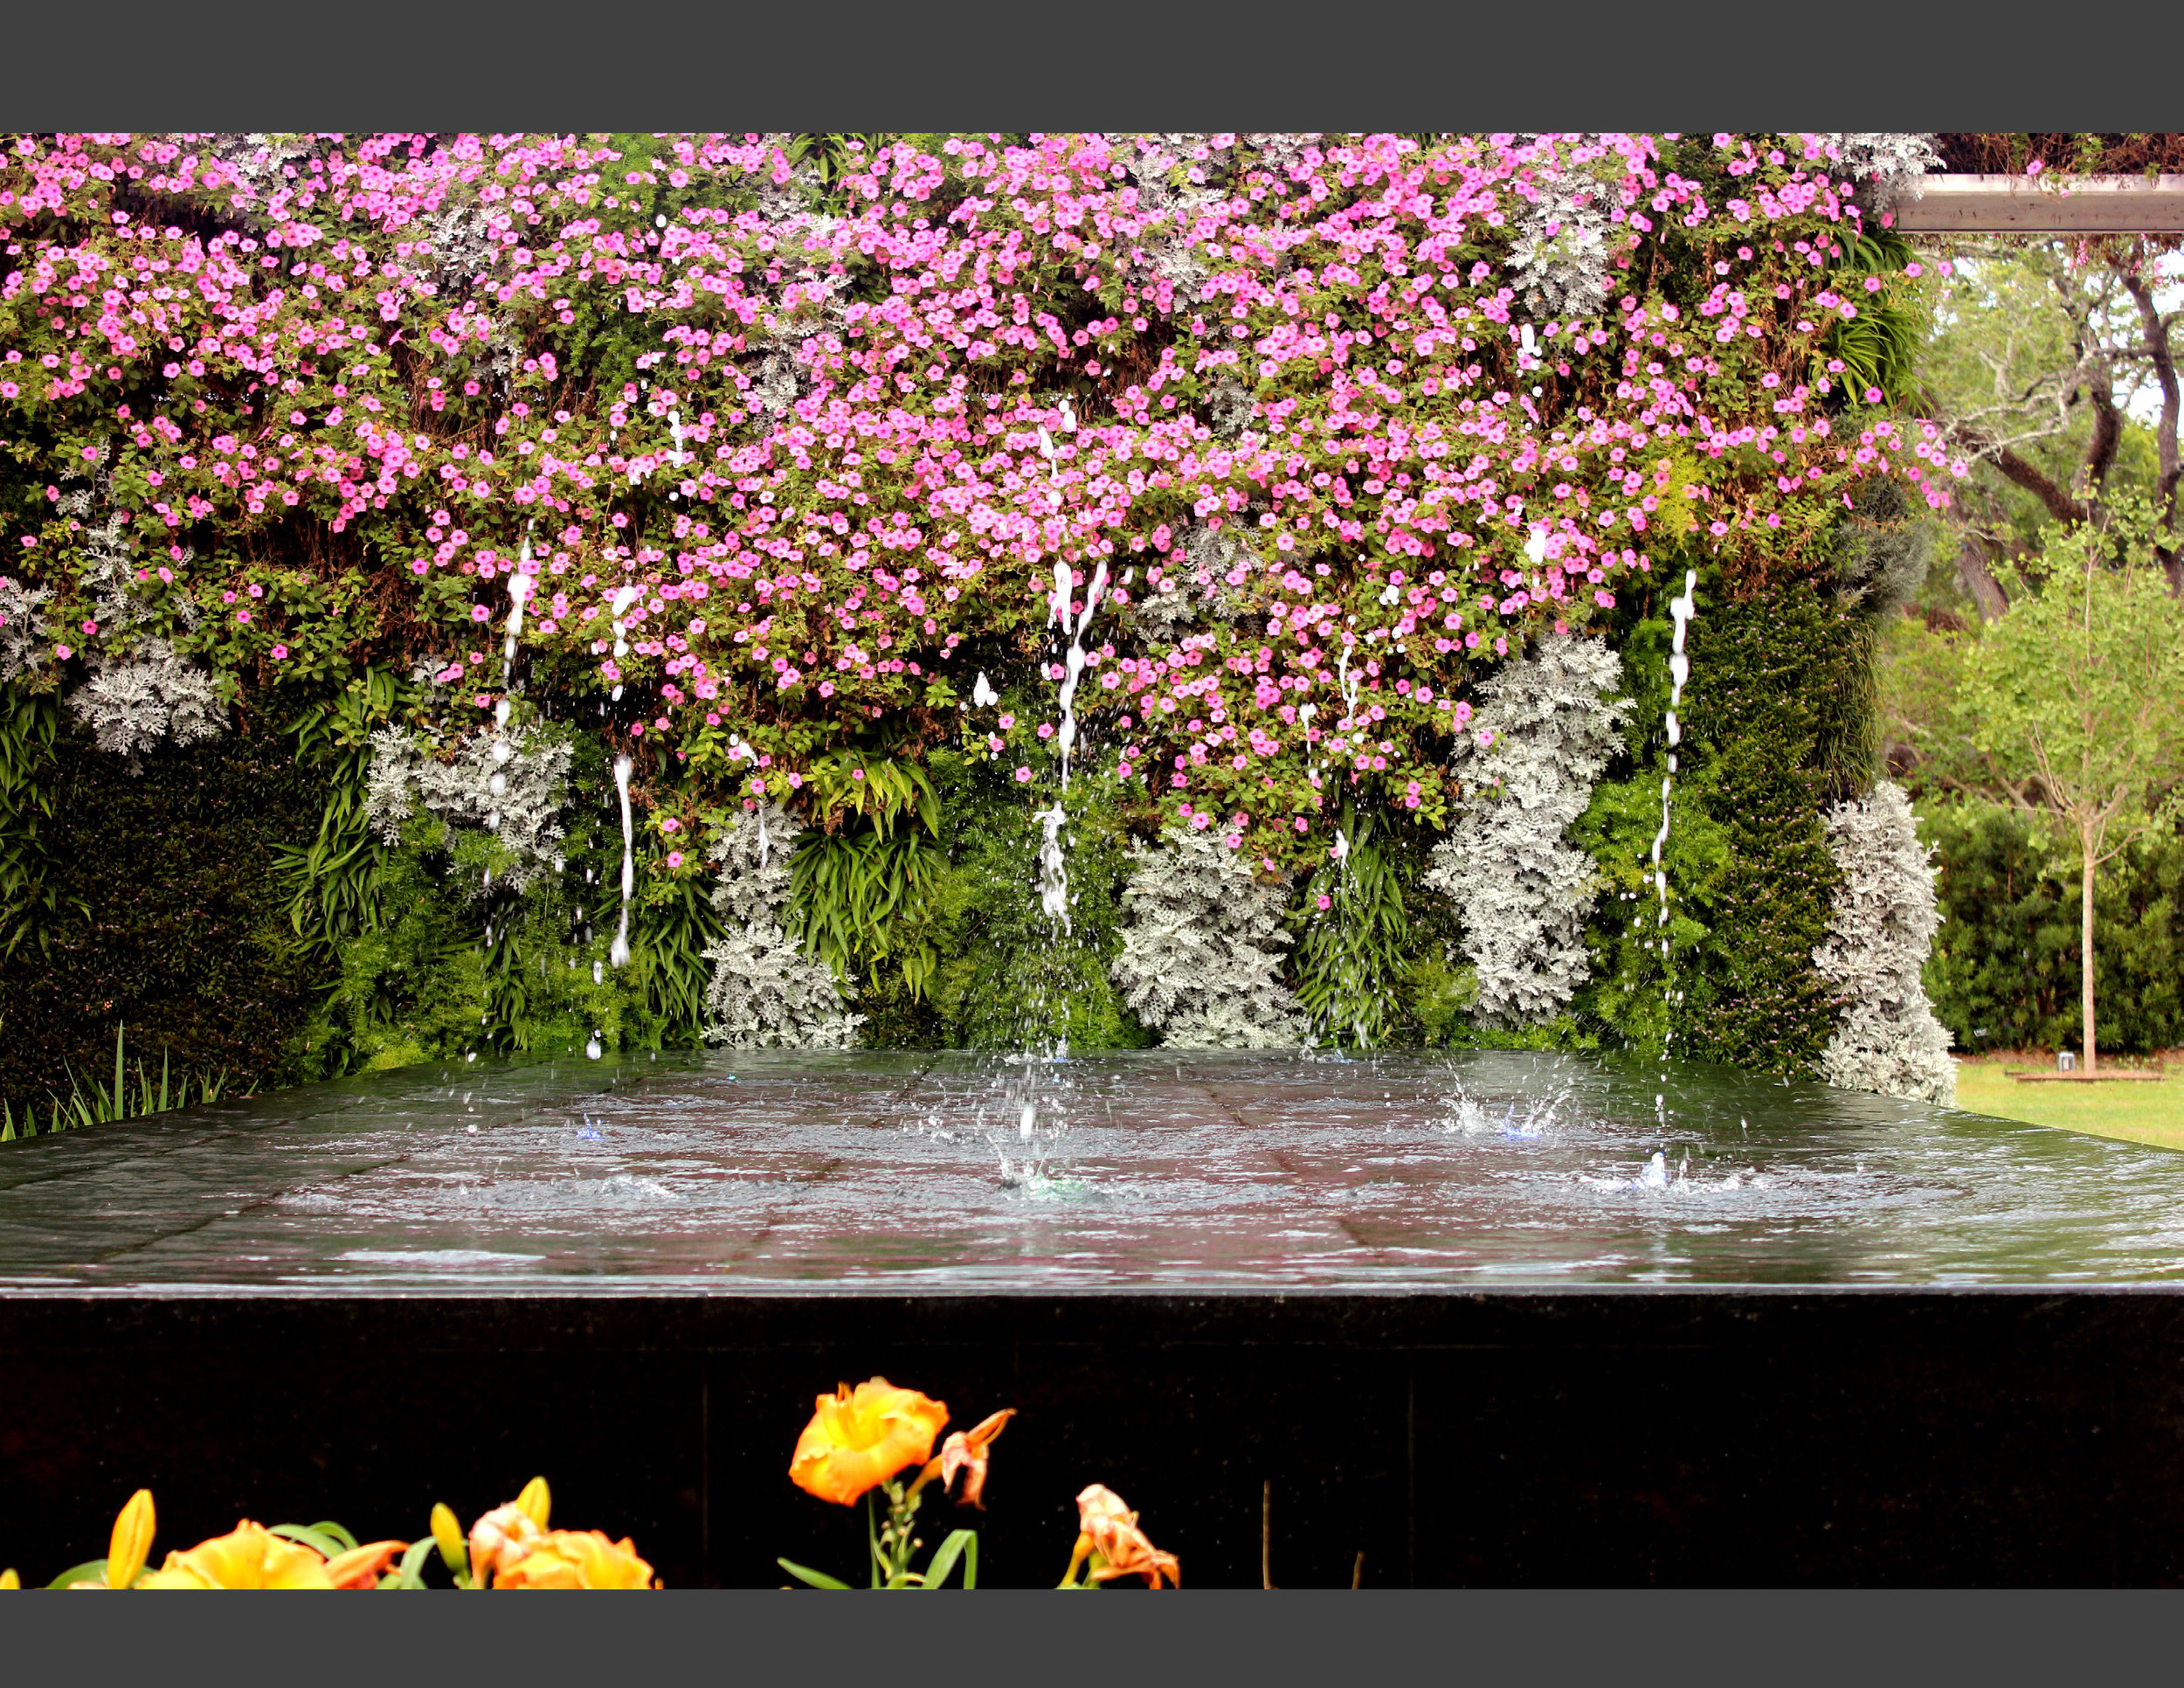 CARBO Landscape - New Orleans Botanical Garden_Page_12.jpg